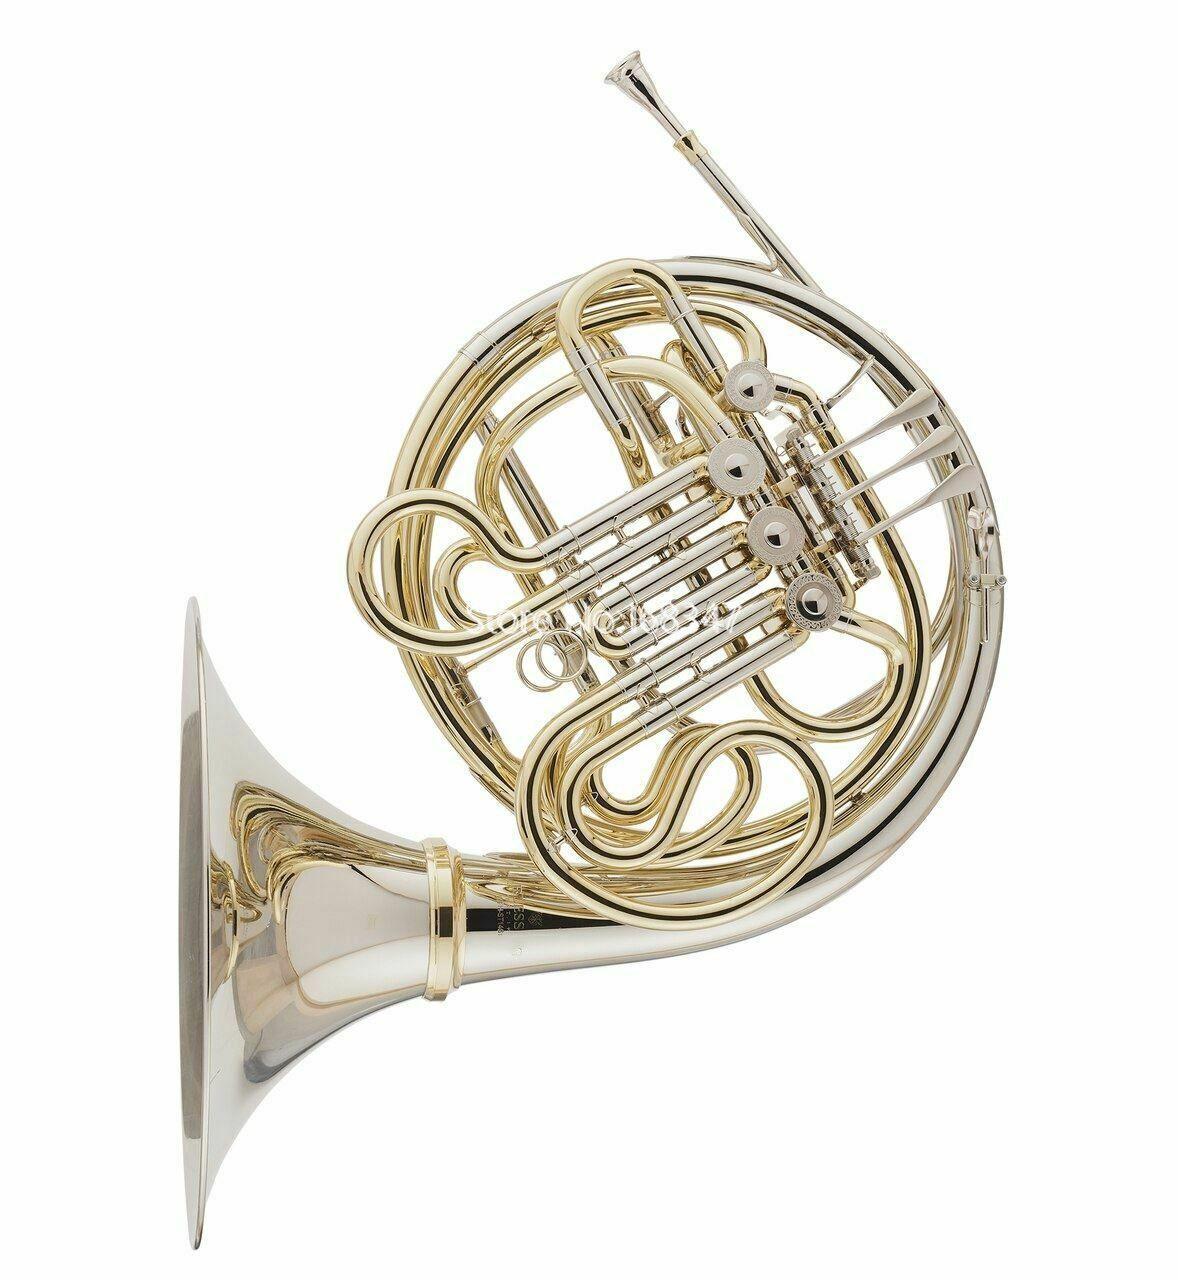 Vaka Ücretsiz Kargo ile Yüksek Kalite Bb / F dört tuşları Fransız Horn Nikel Gümüş Bell Temizle Vernik Bitiş Müzik aleti